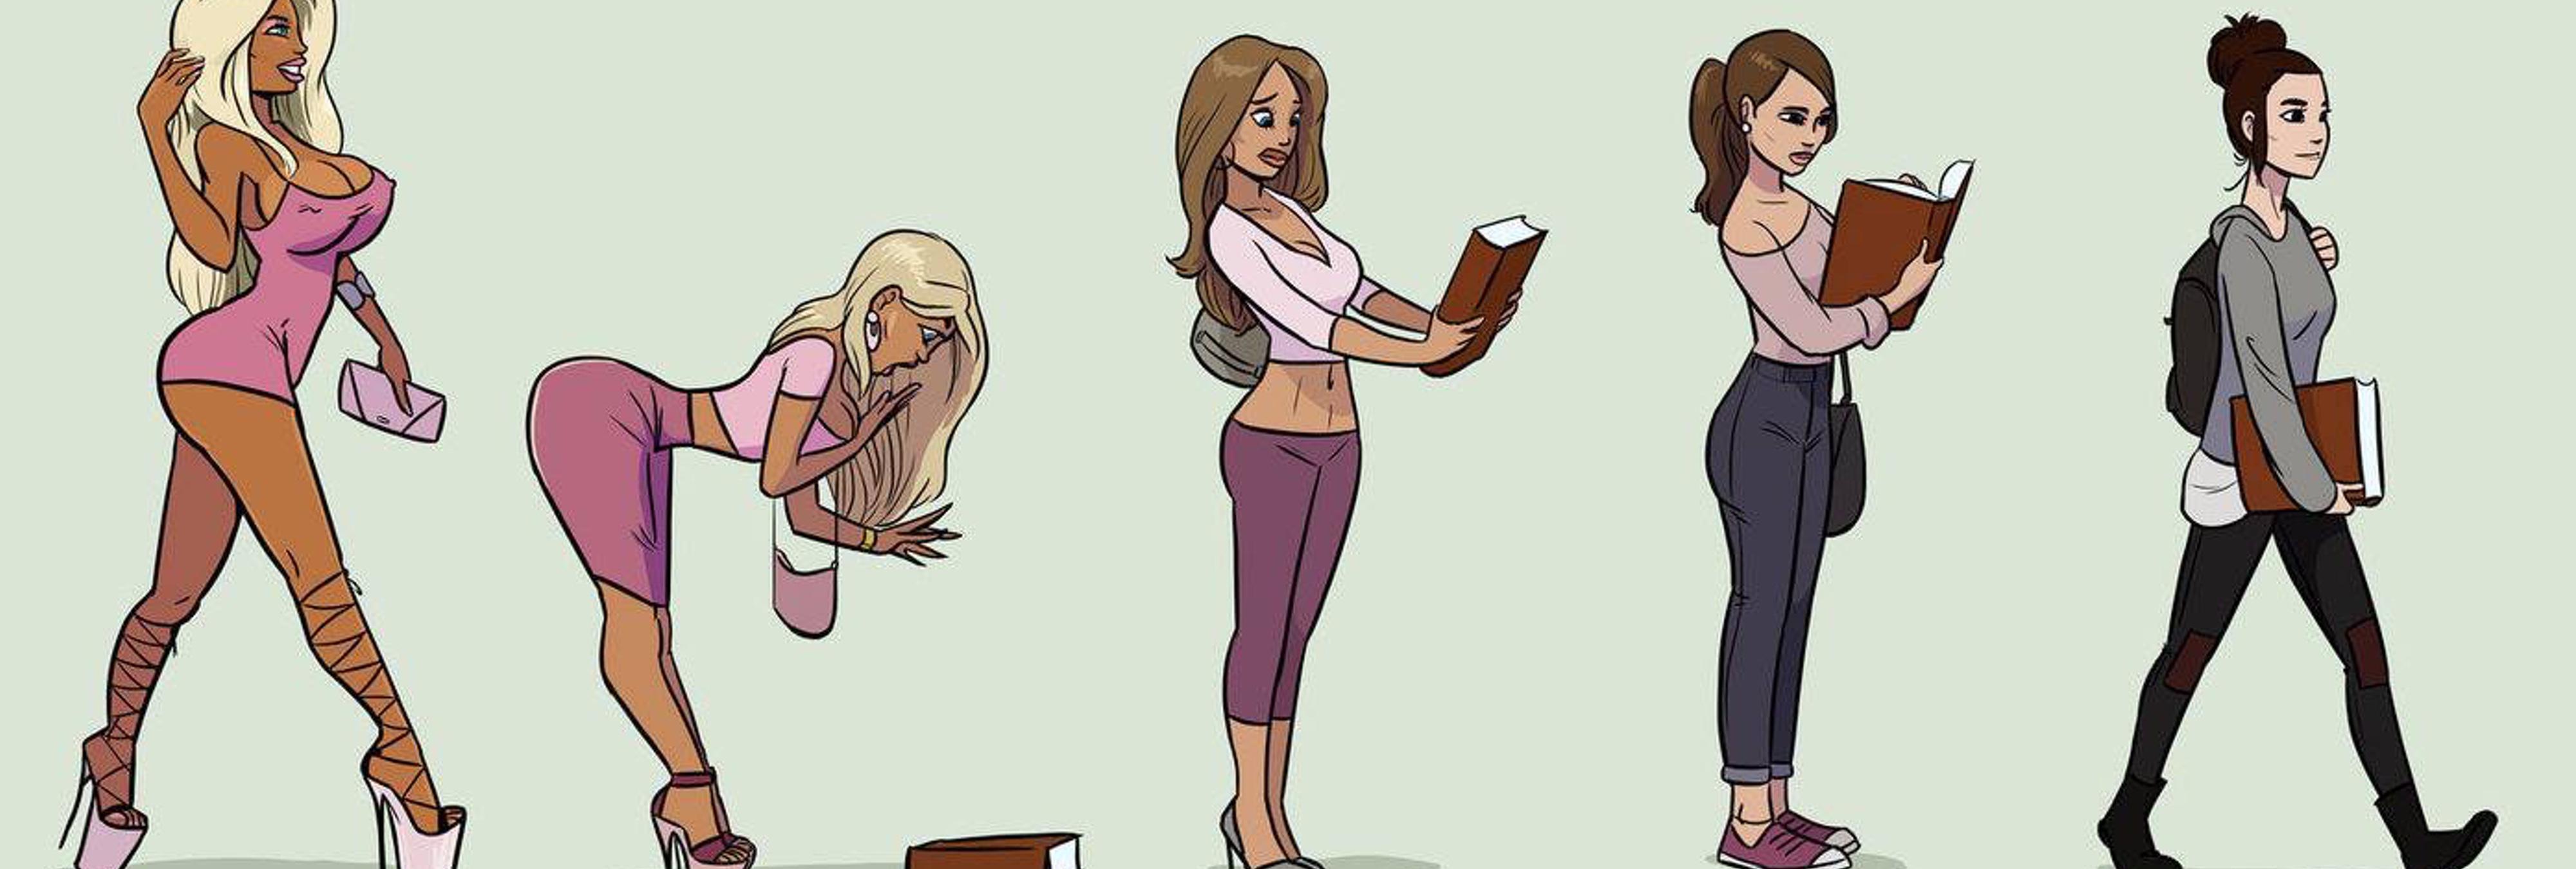 significado acudir adicción a las prostitutas